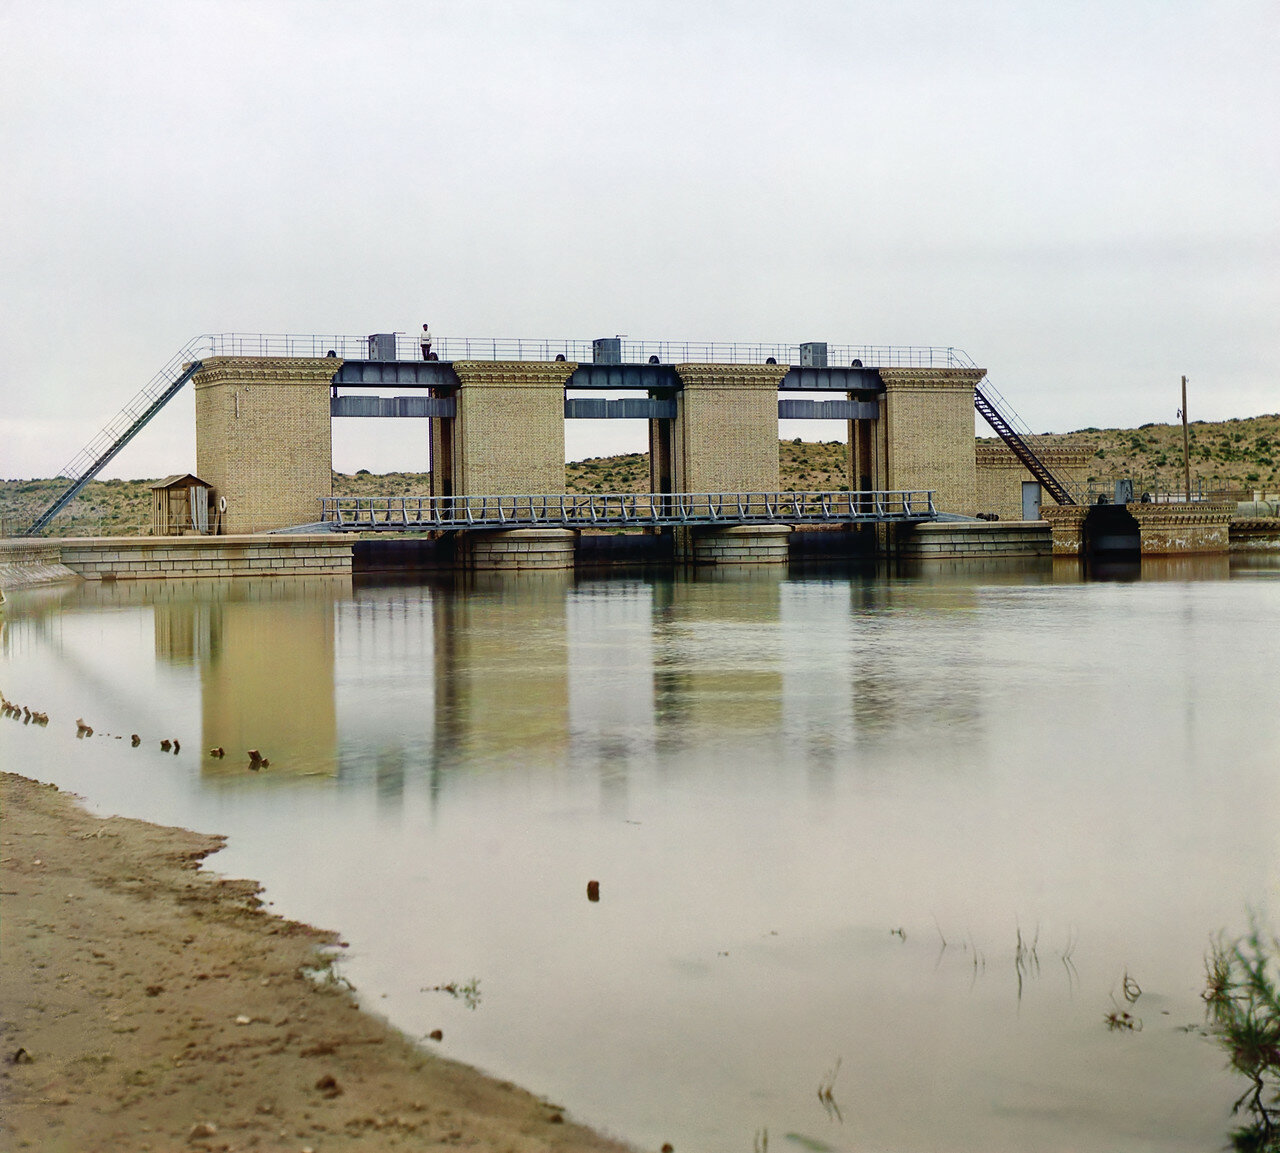 Окрестности Мерва. Байрам-Али. Мургабское имение. Общий вид Султан-Бентской плотины